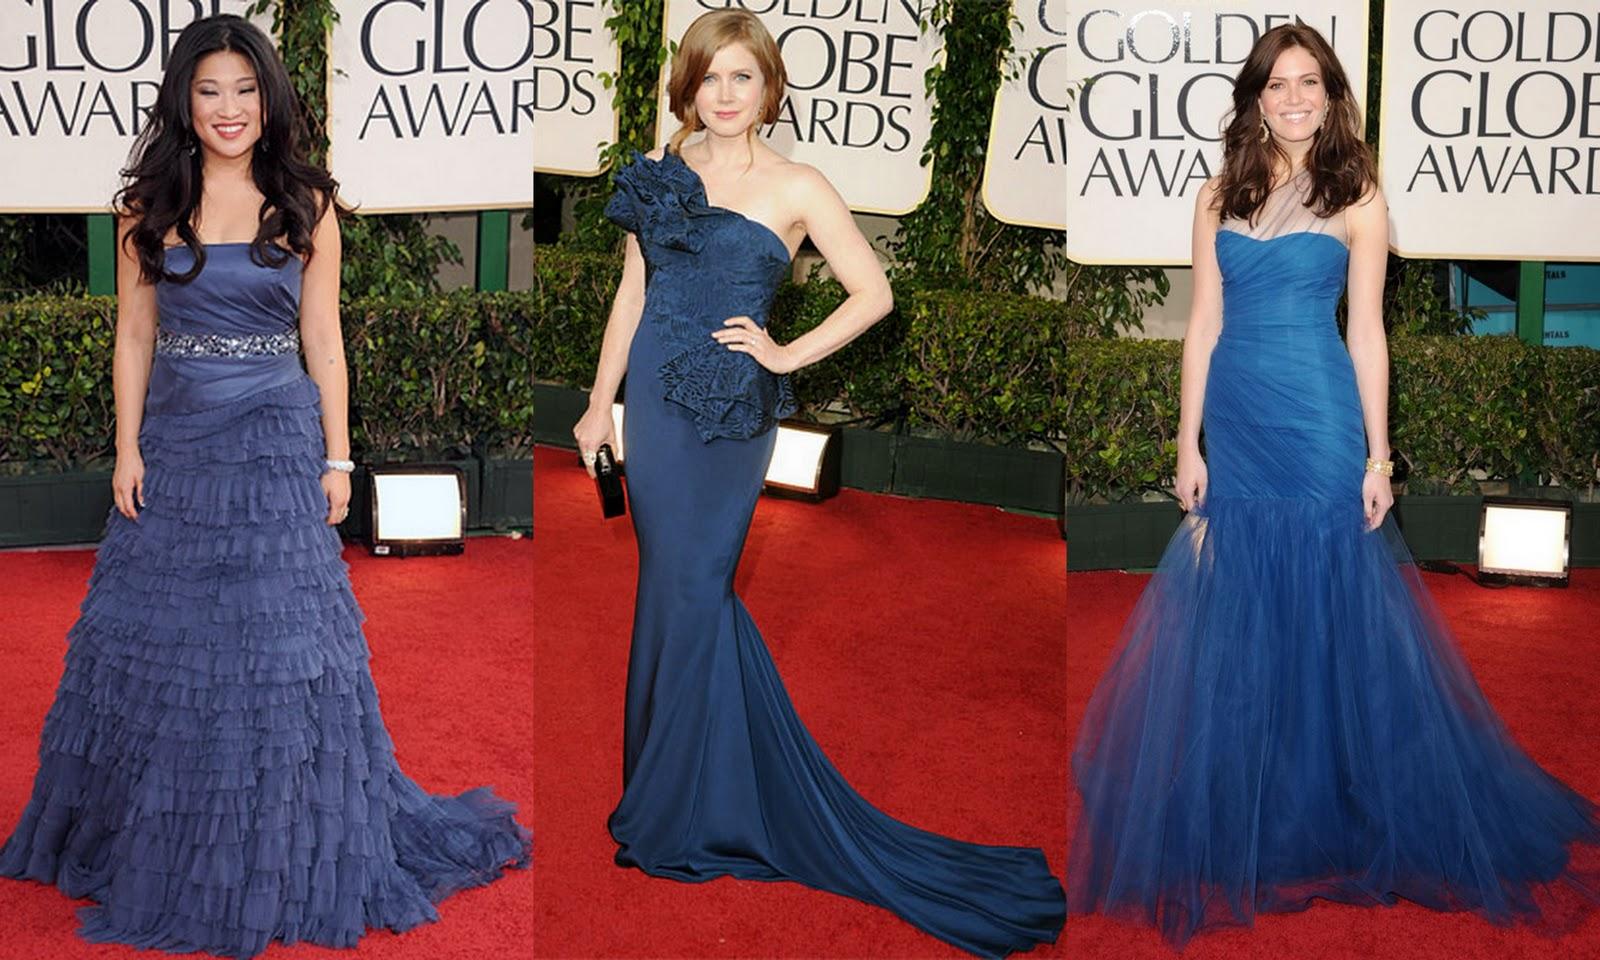 http://2.bp.blogspot.com/_SXPM6rpk-Ls/TTR8pLIJsaI/AAAAAAAAALY/onSEy3KB3NQ/s1600/Blue+golden+globes.jpg